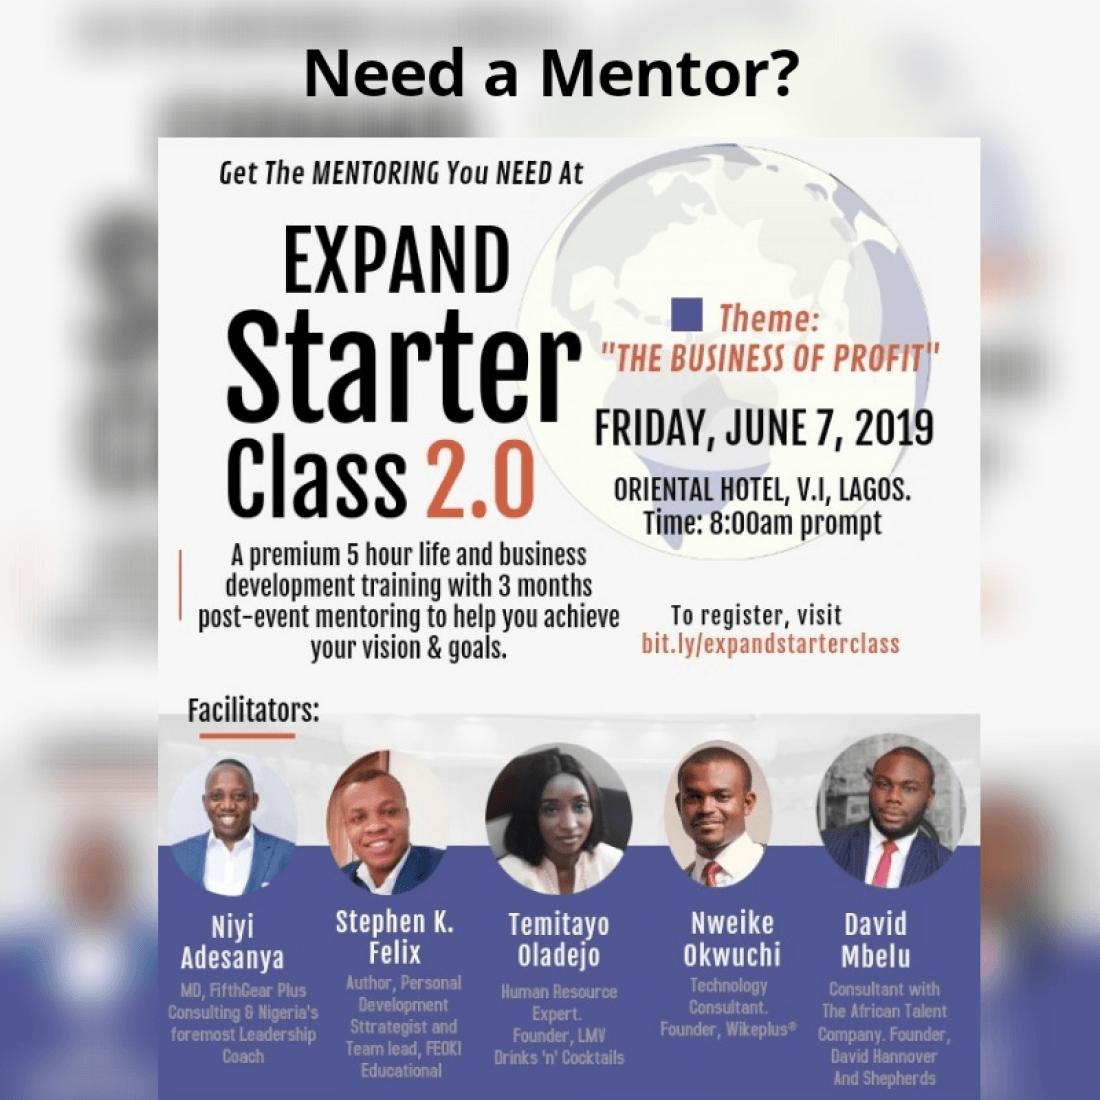 Expand Starter Class 2.0